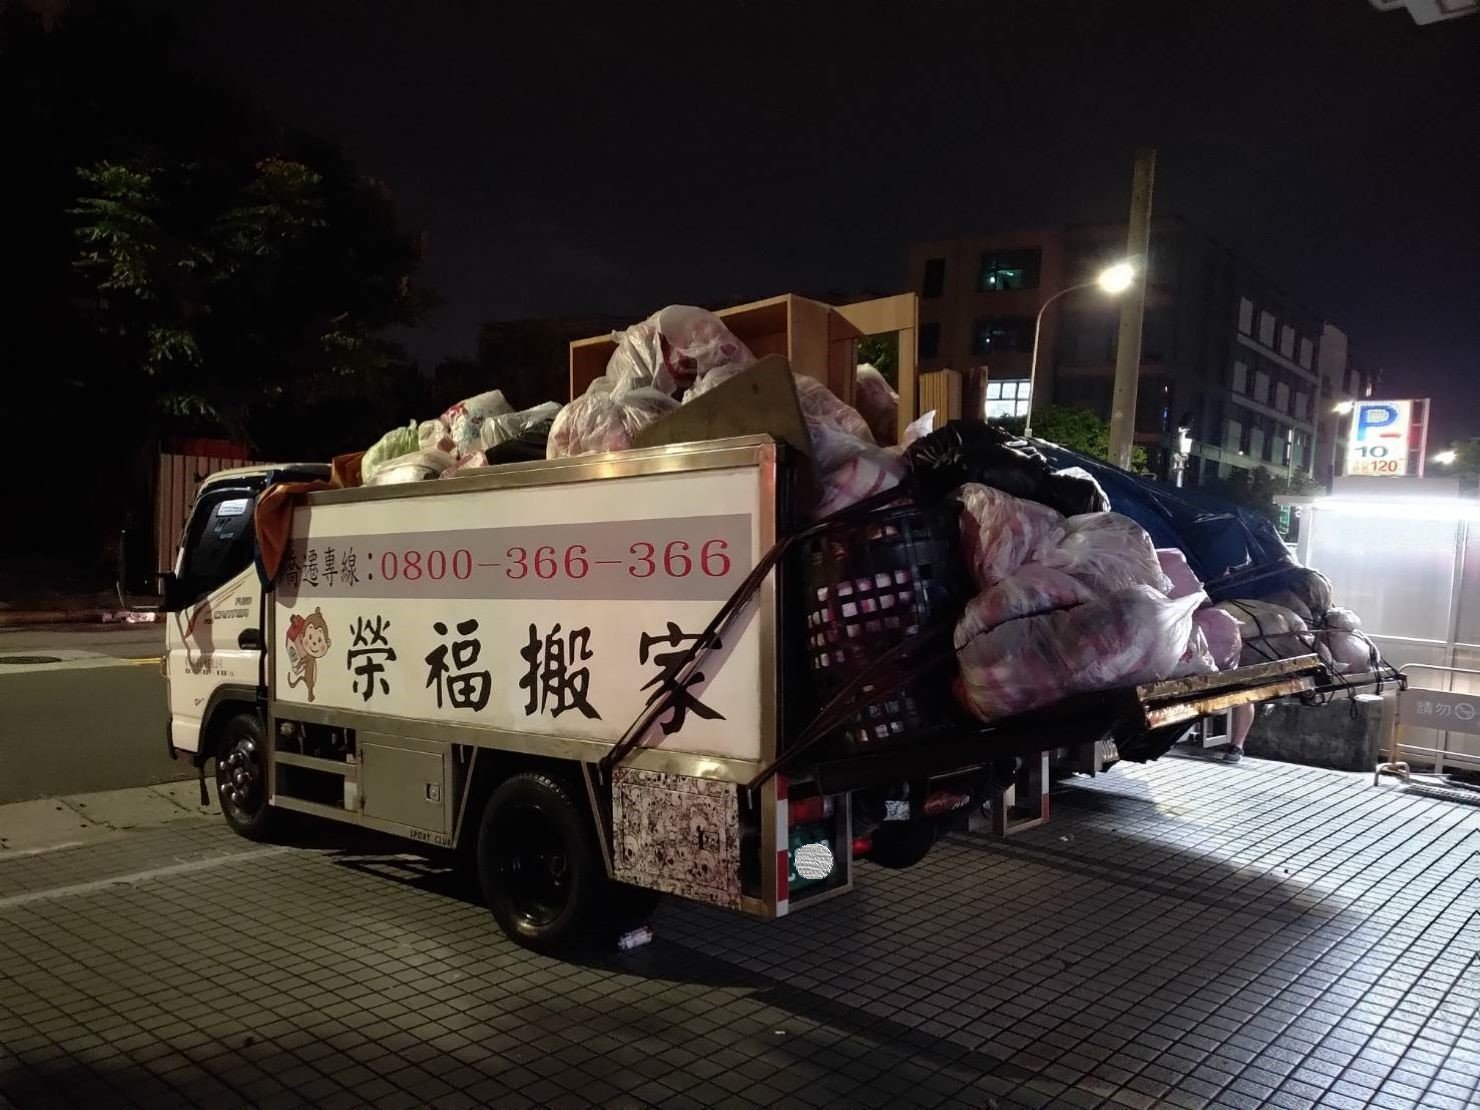 搬家公司【榮福搬家】搬垃圾,值得您的信賴與選擇:榮福搬家是政府立案正規合法的搬家公司,廢棄物處理服務省去顧客許多麻煩事,價格公道、收費制度清楚,請安心找榮福替您服務。